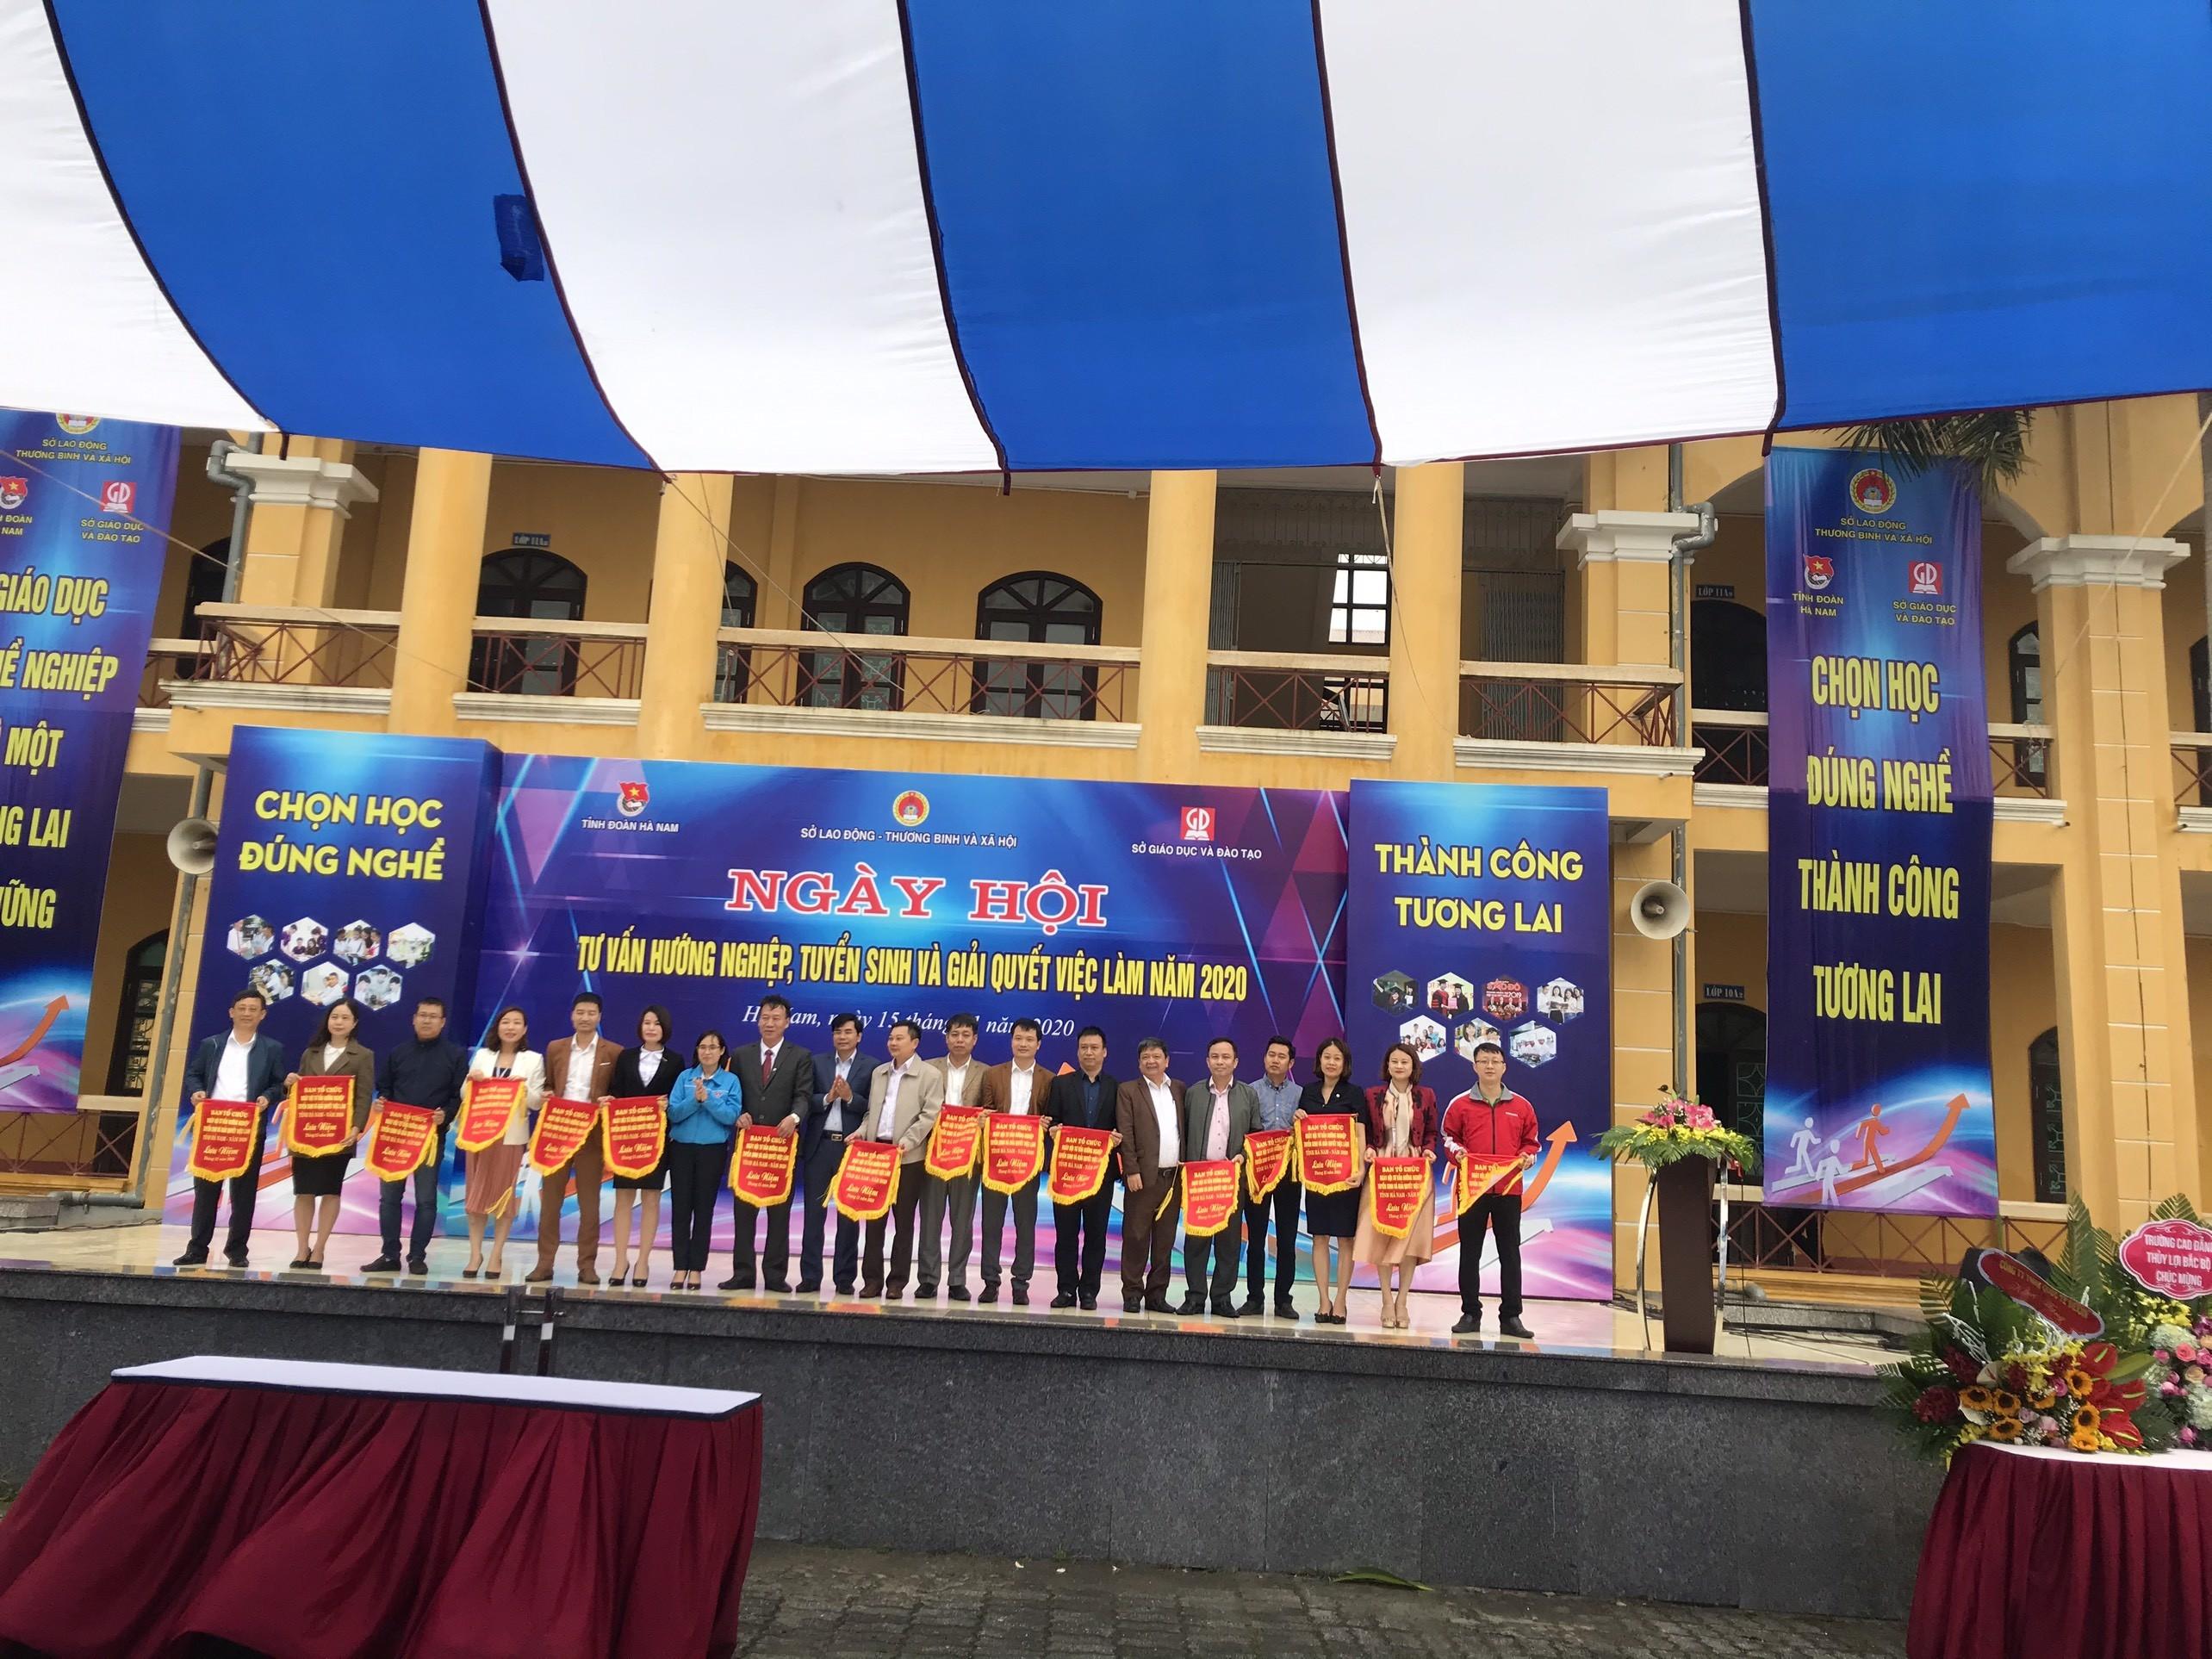 TVNAS tham dự Ngày hội Tư vấn, hướng nghiệp - Tuyển sinh và giải quyết việc làm năm 2020 tại tỉnh Hà Nam